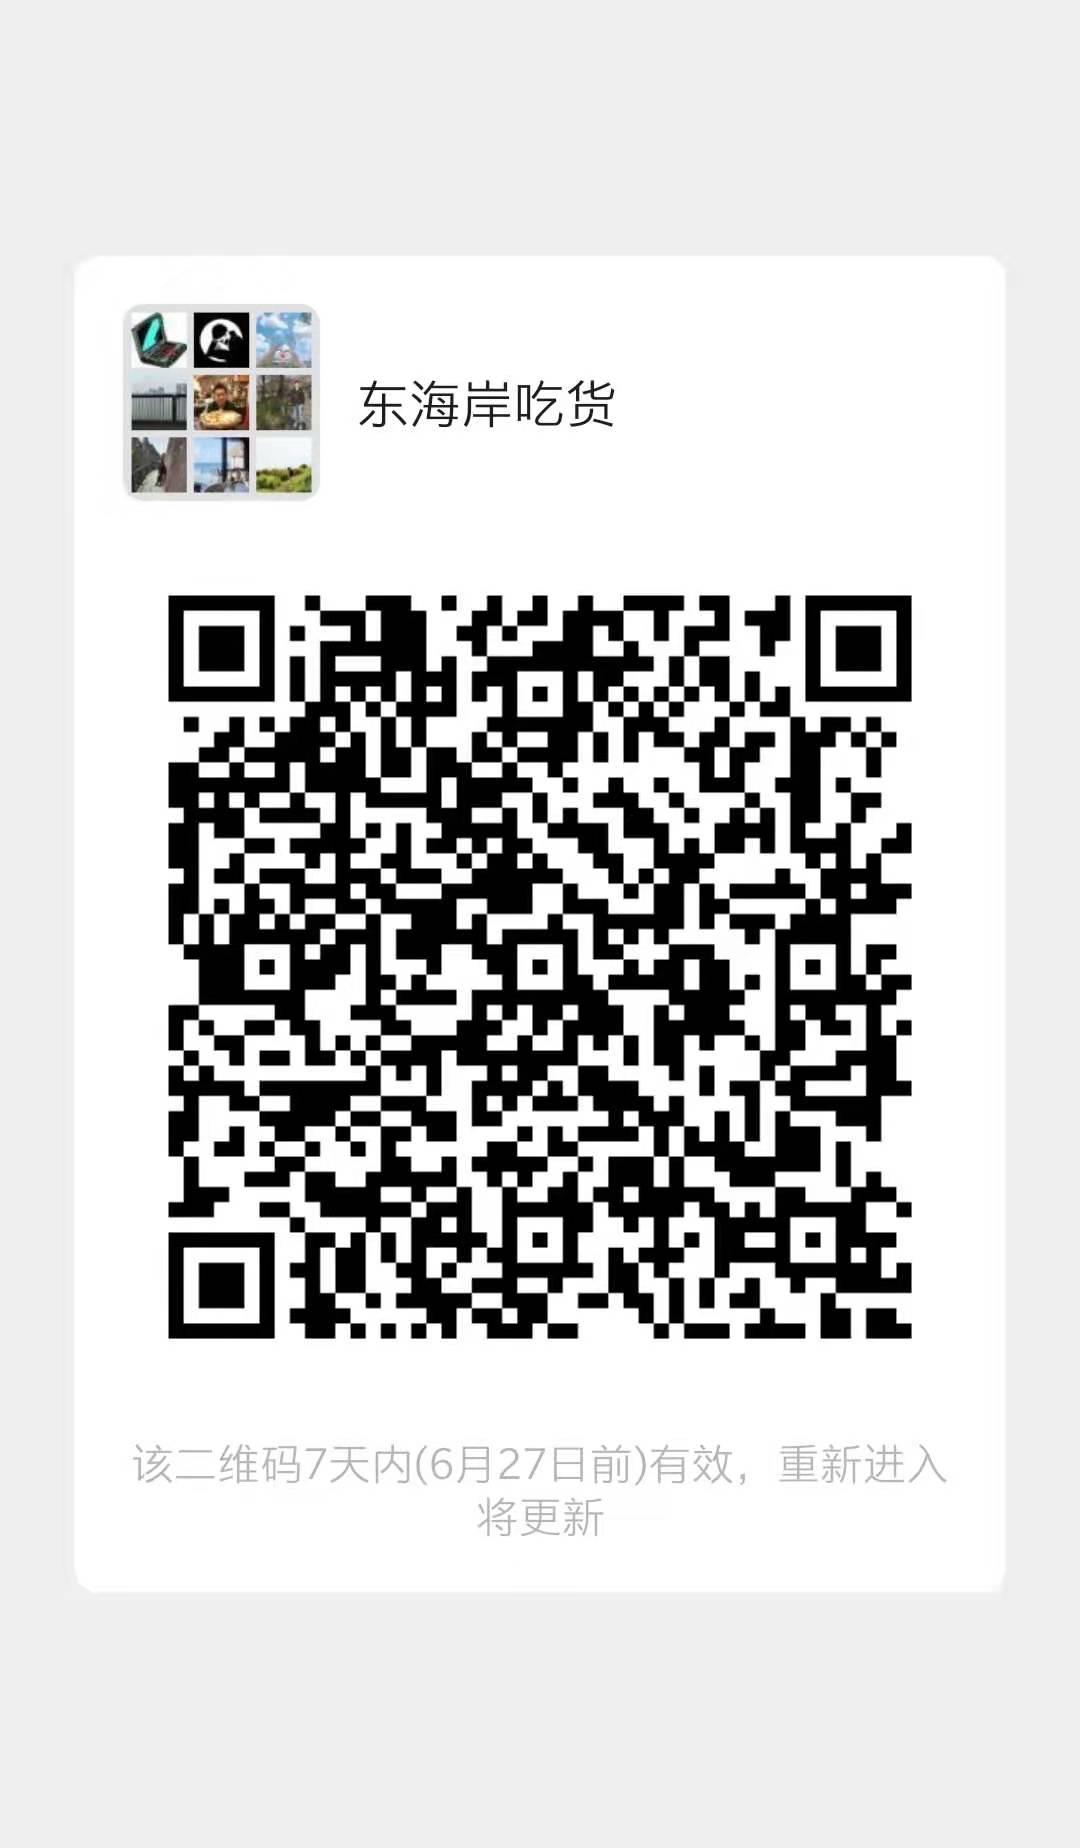 微信图片_20210620053158